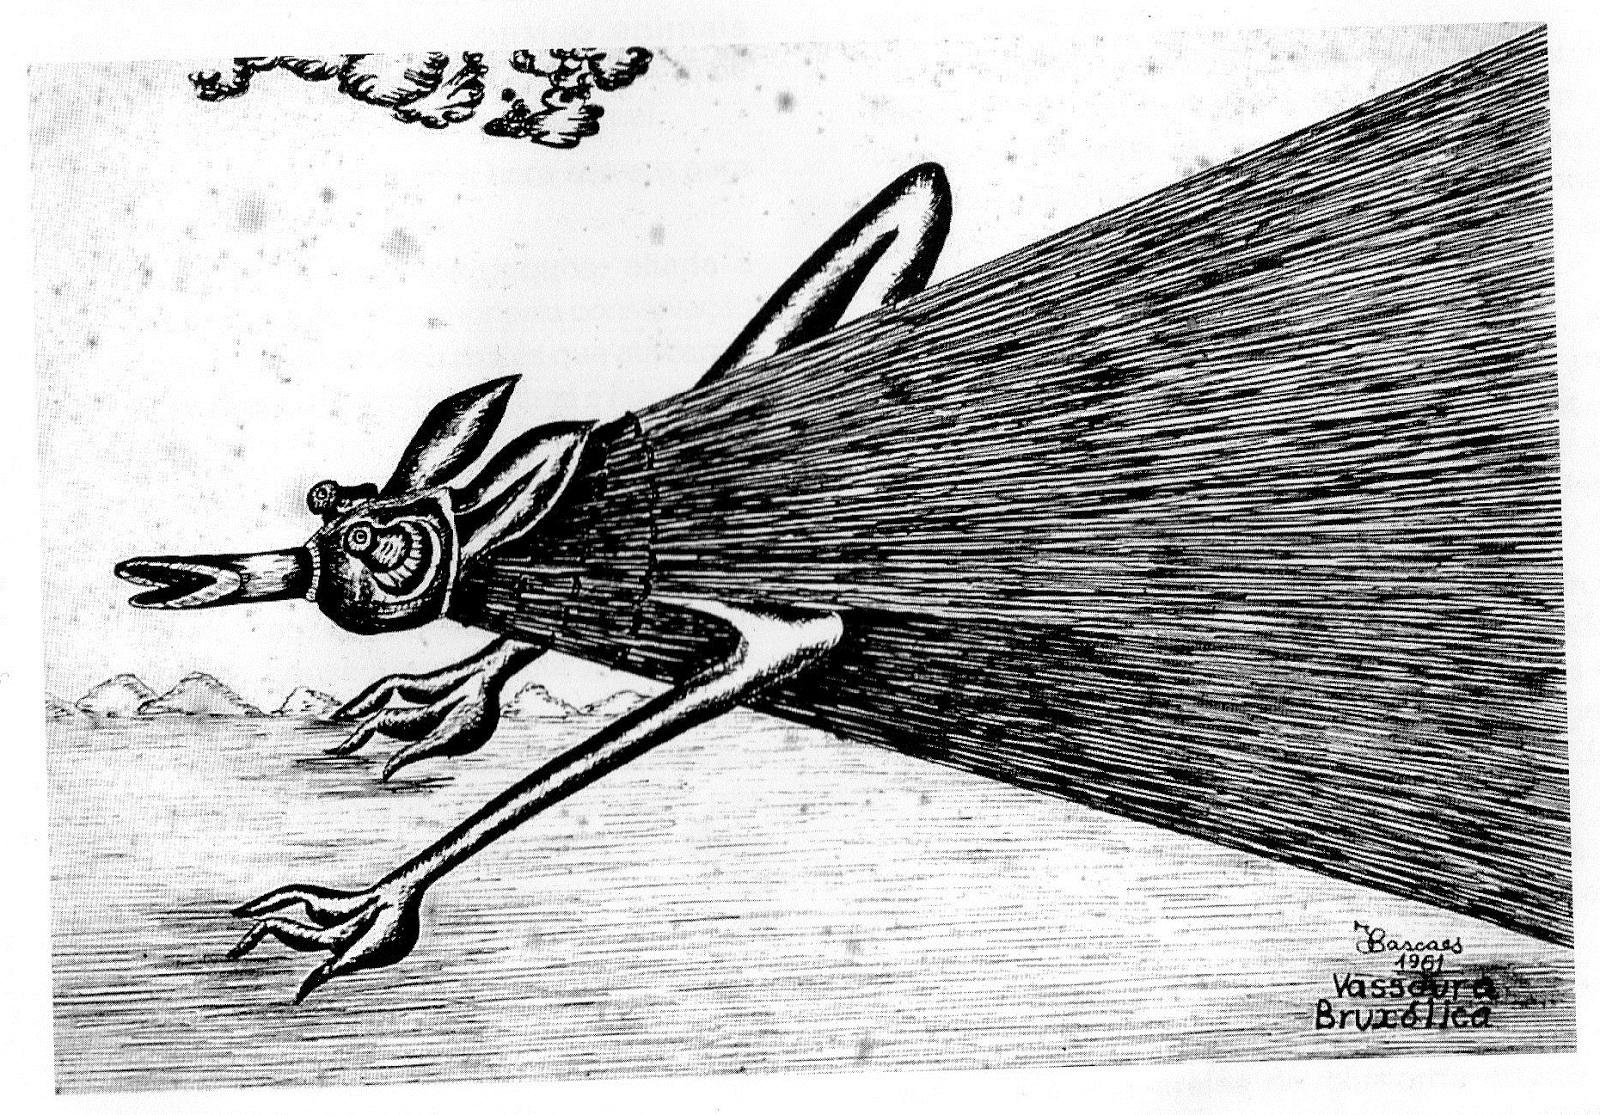 Vassoura bruxólica, obra de Cascaes de 1961 - Divulgação